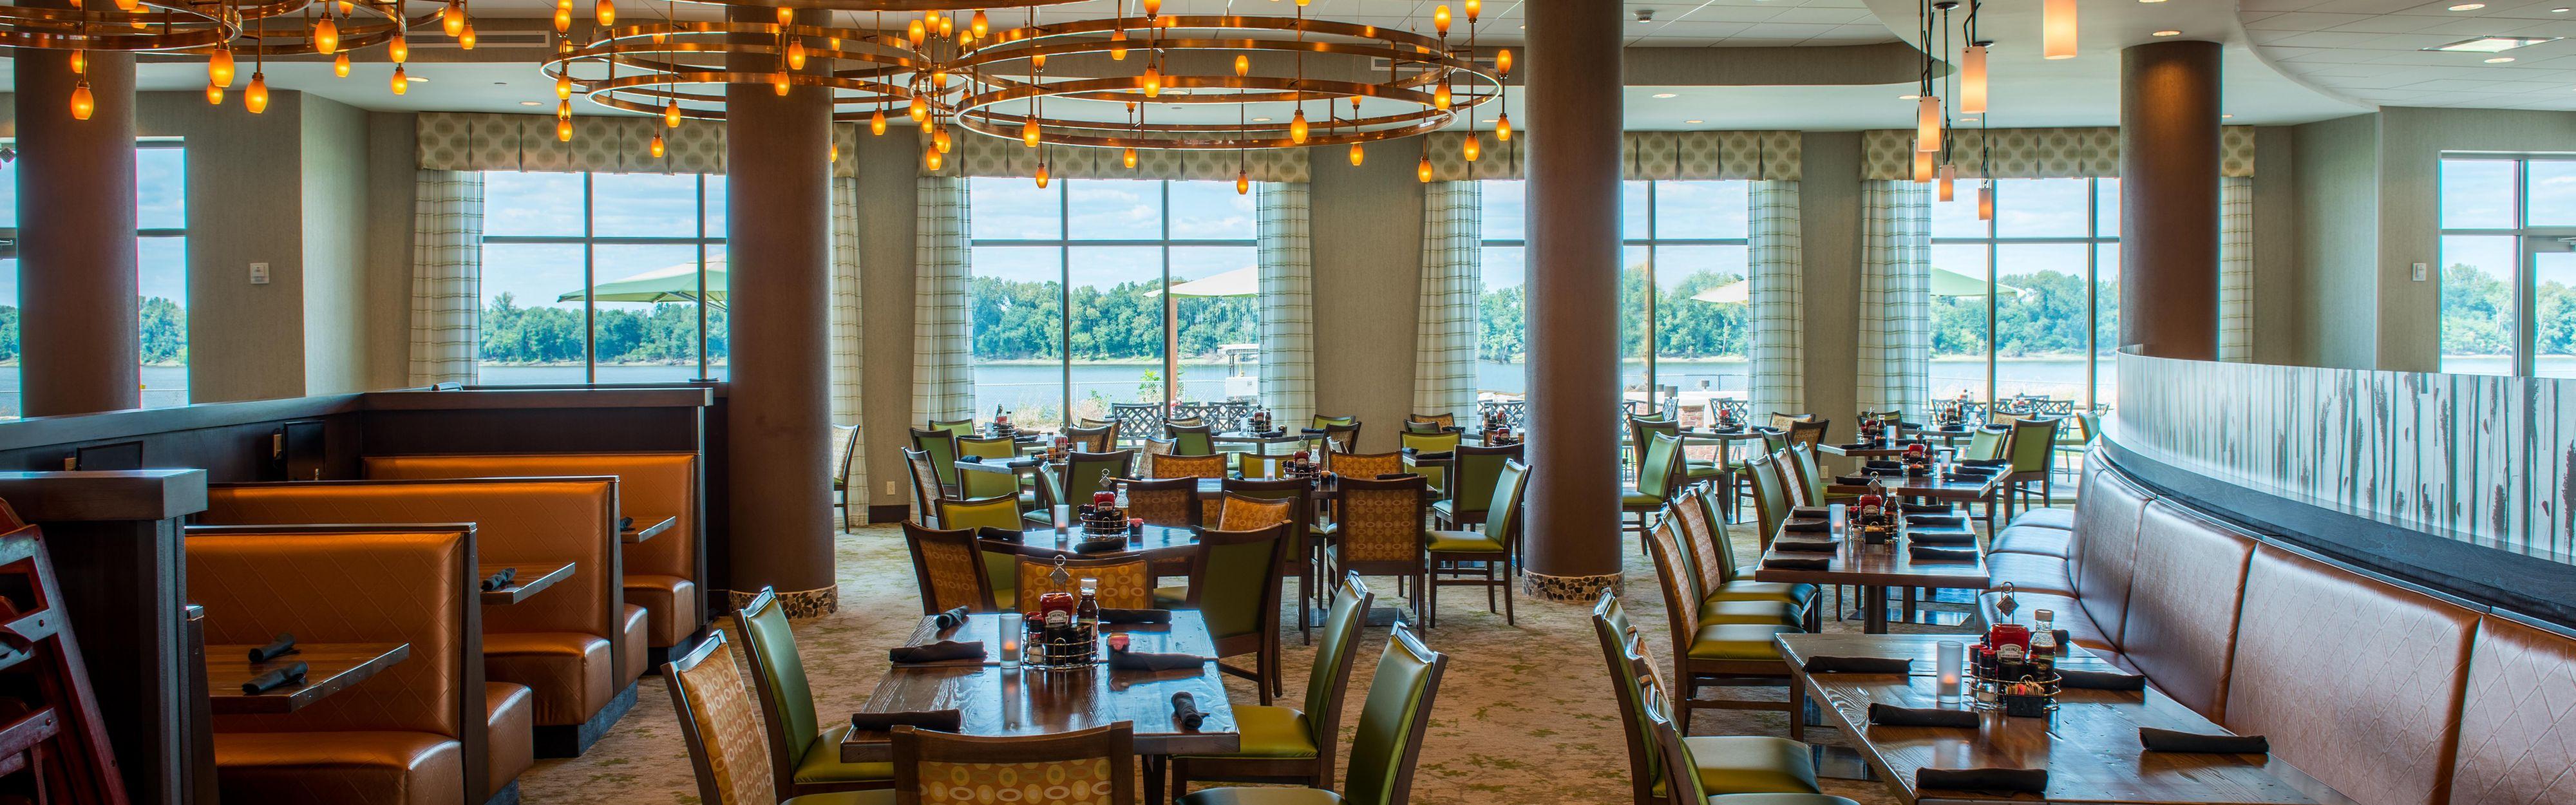 Holiday Inn Paducah Riverfront image 3